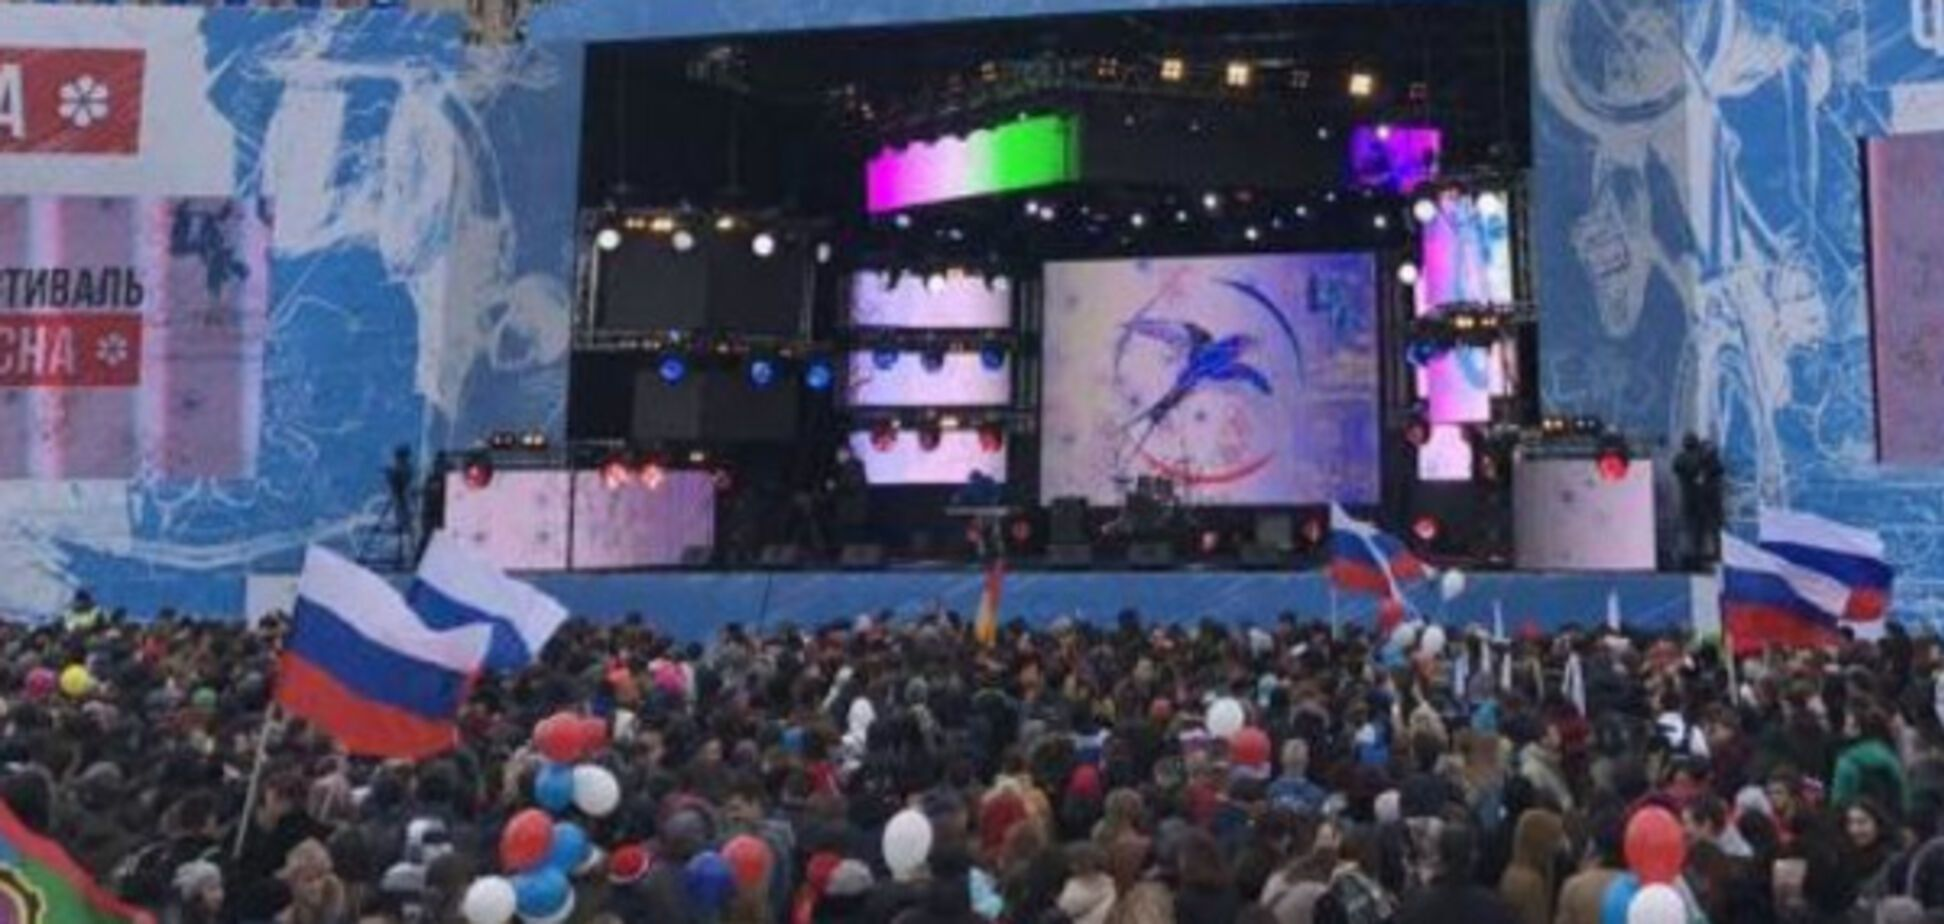 Скорбь по-русски: в Москве объявили набор массовки на концерт памяти жертв теракта в Питере